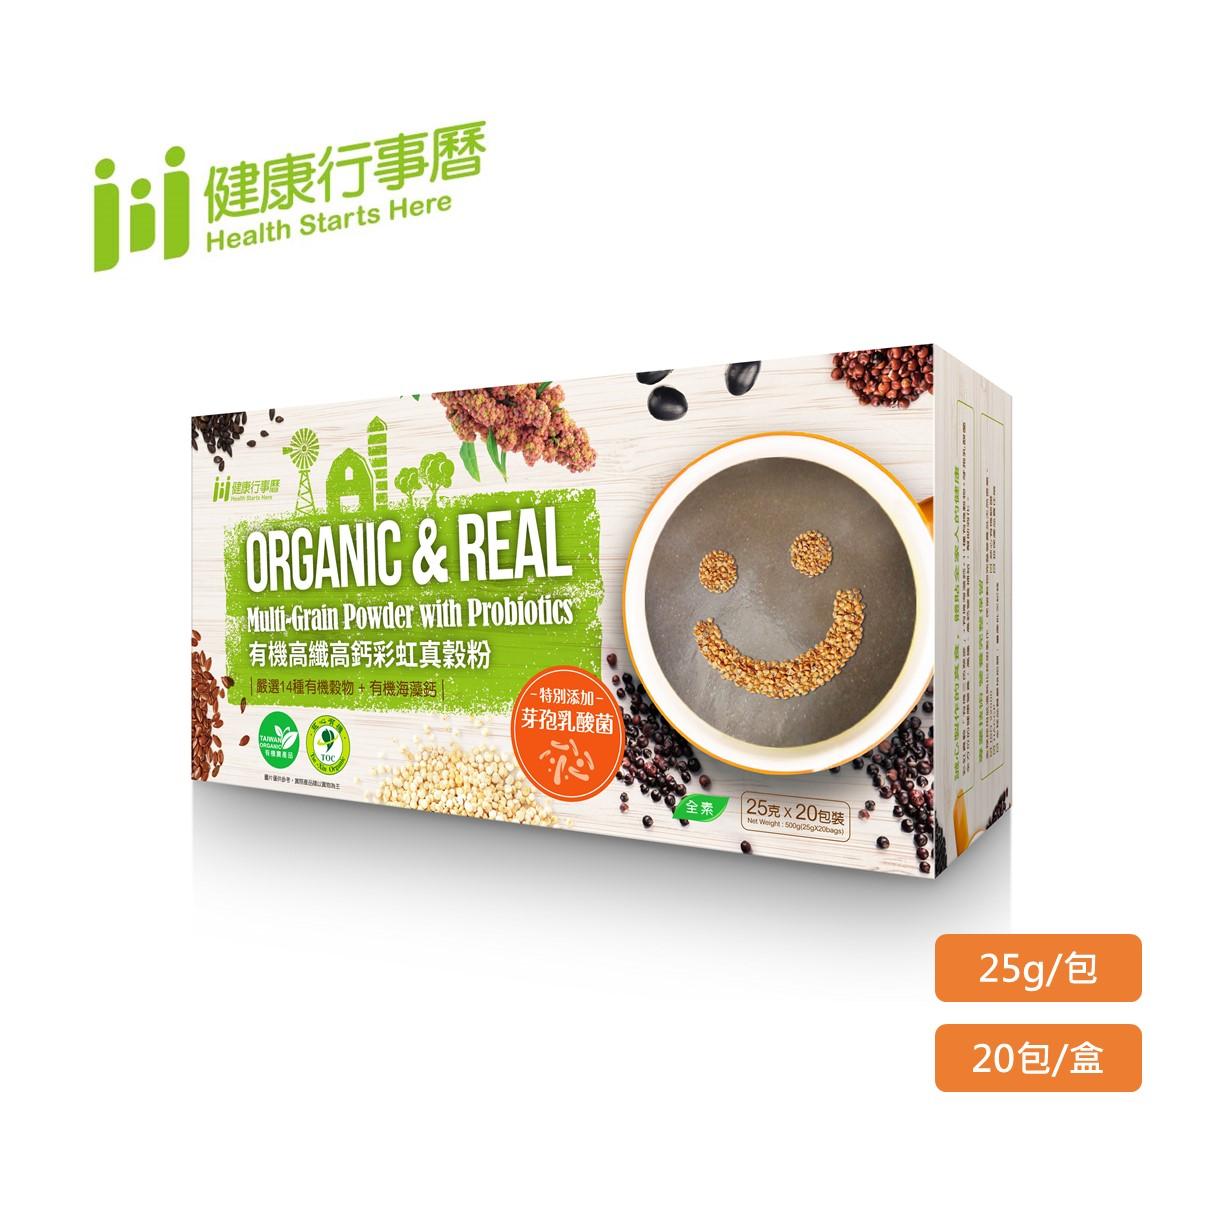 【健康行事曆】有機高纖高鈣彩虹真穀粉(25g/包;20包/盒)